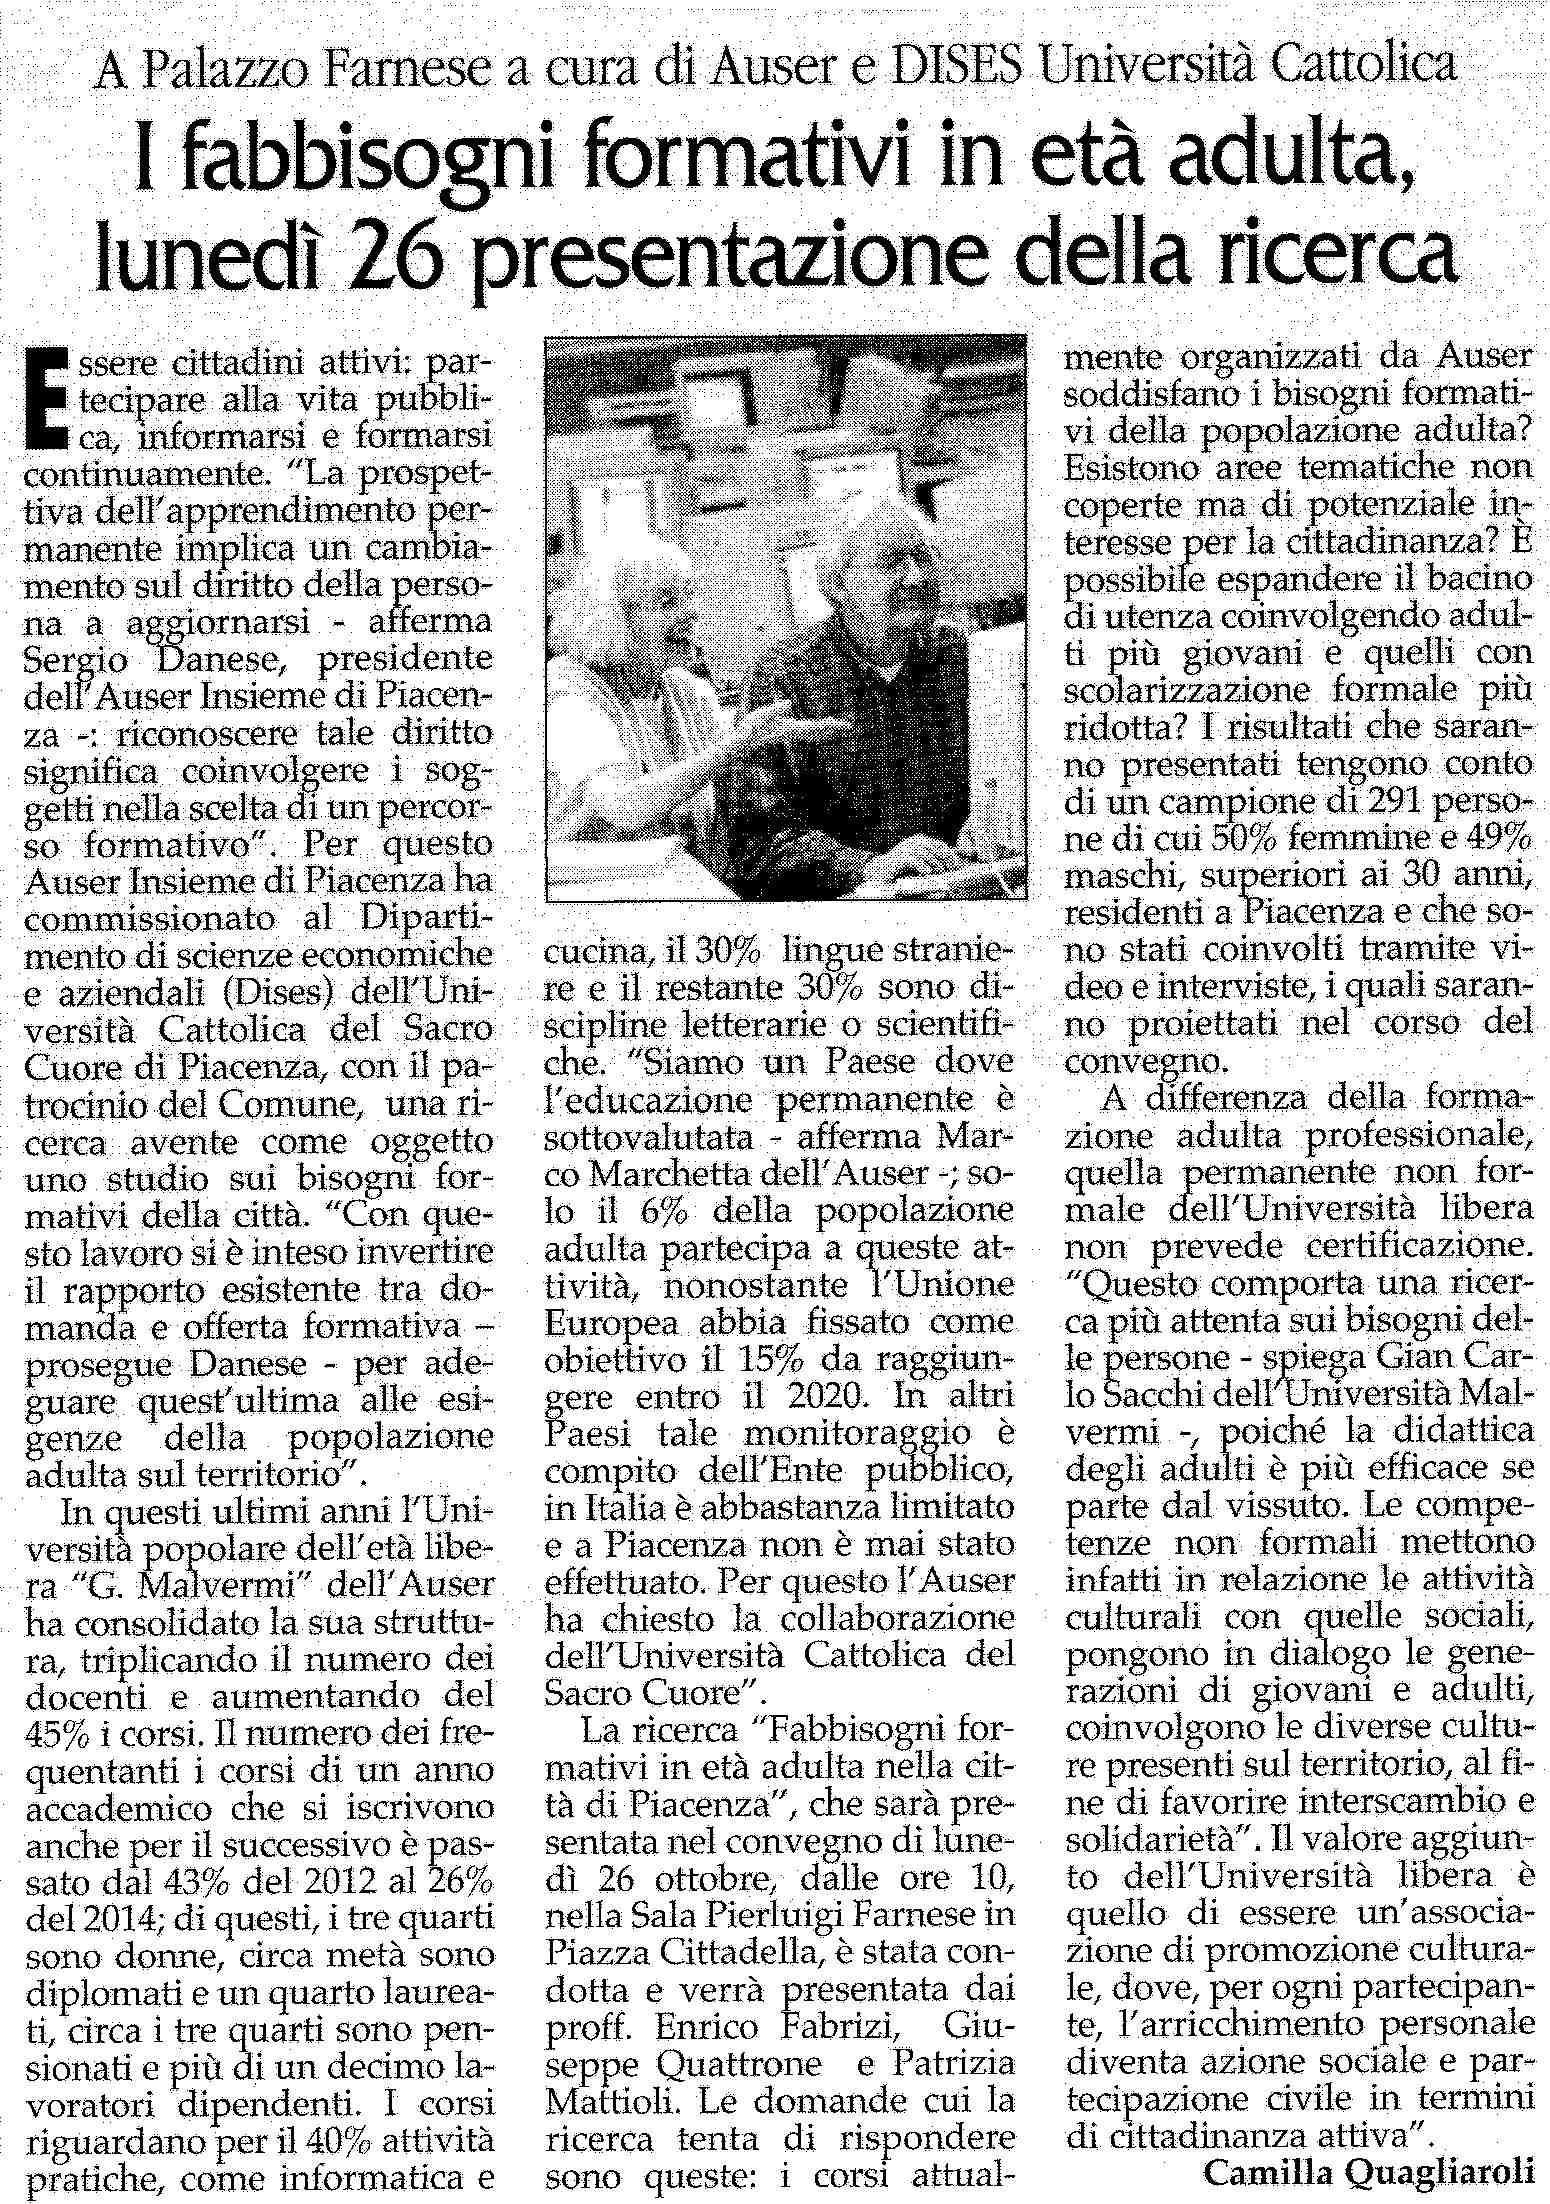 NuovoGiornale151023-1